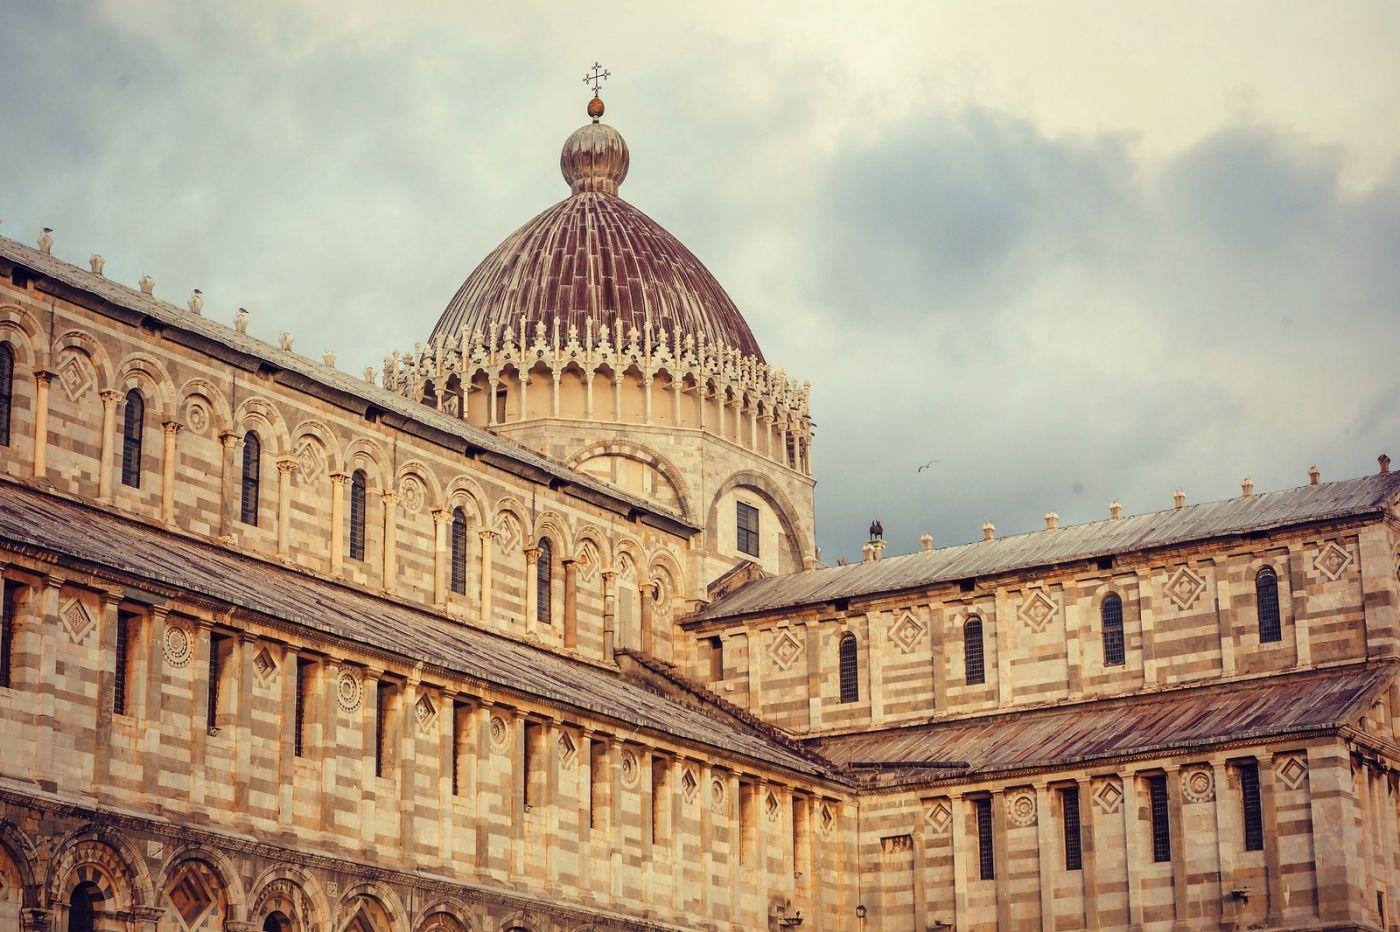 意大利比萨斜塔,塔旁的建筑群_图1-6